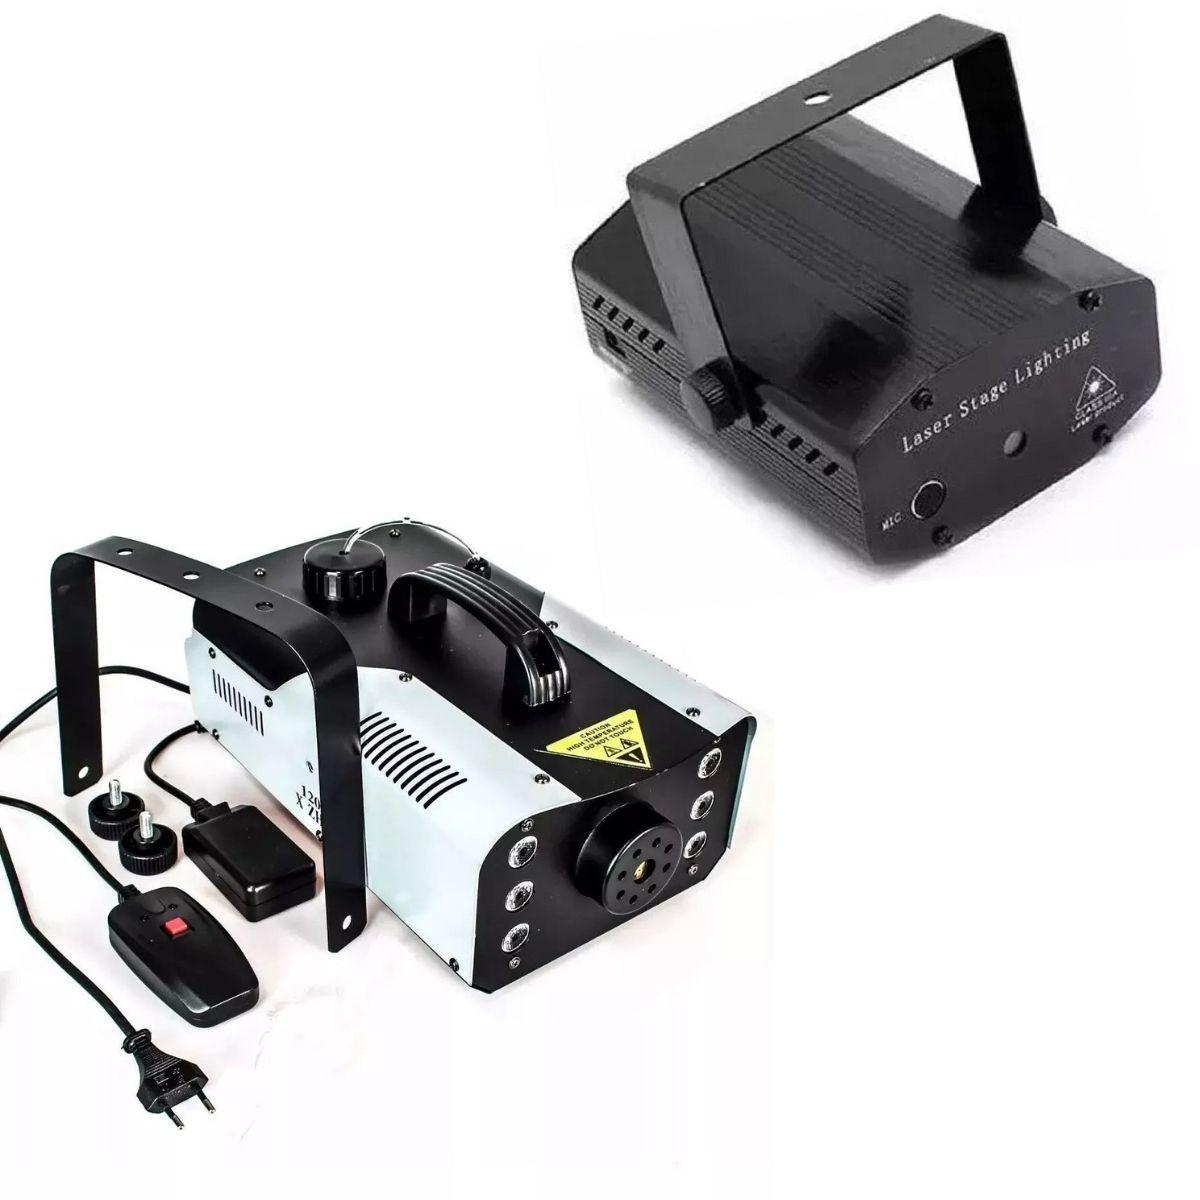 Kit Com Mini Projetor Holográfico Para Festas E Baladas Com Fumaça Efeito Led 1200W Profissional